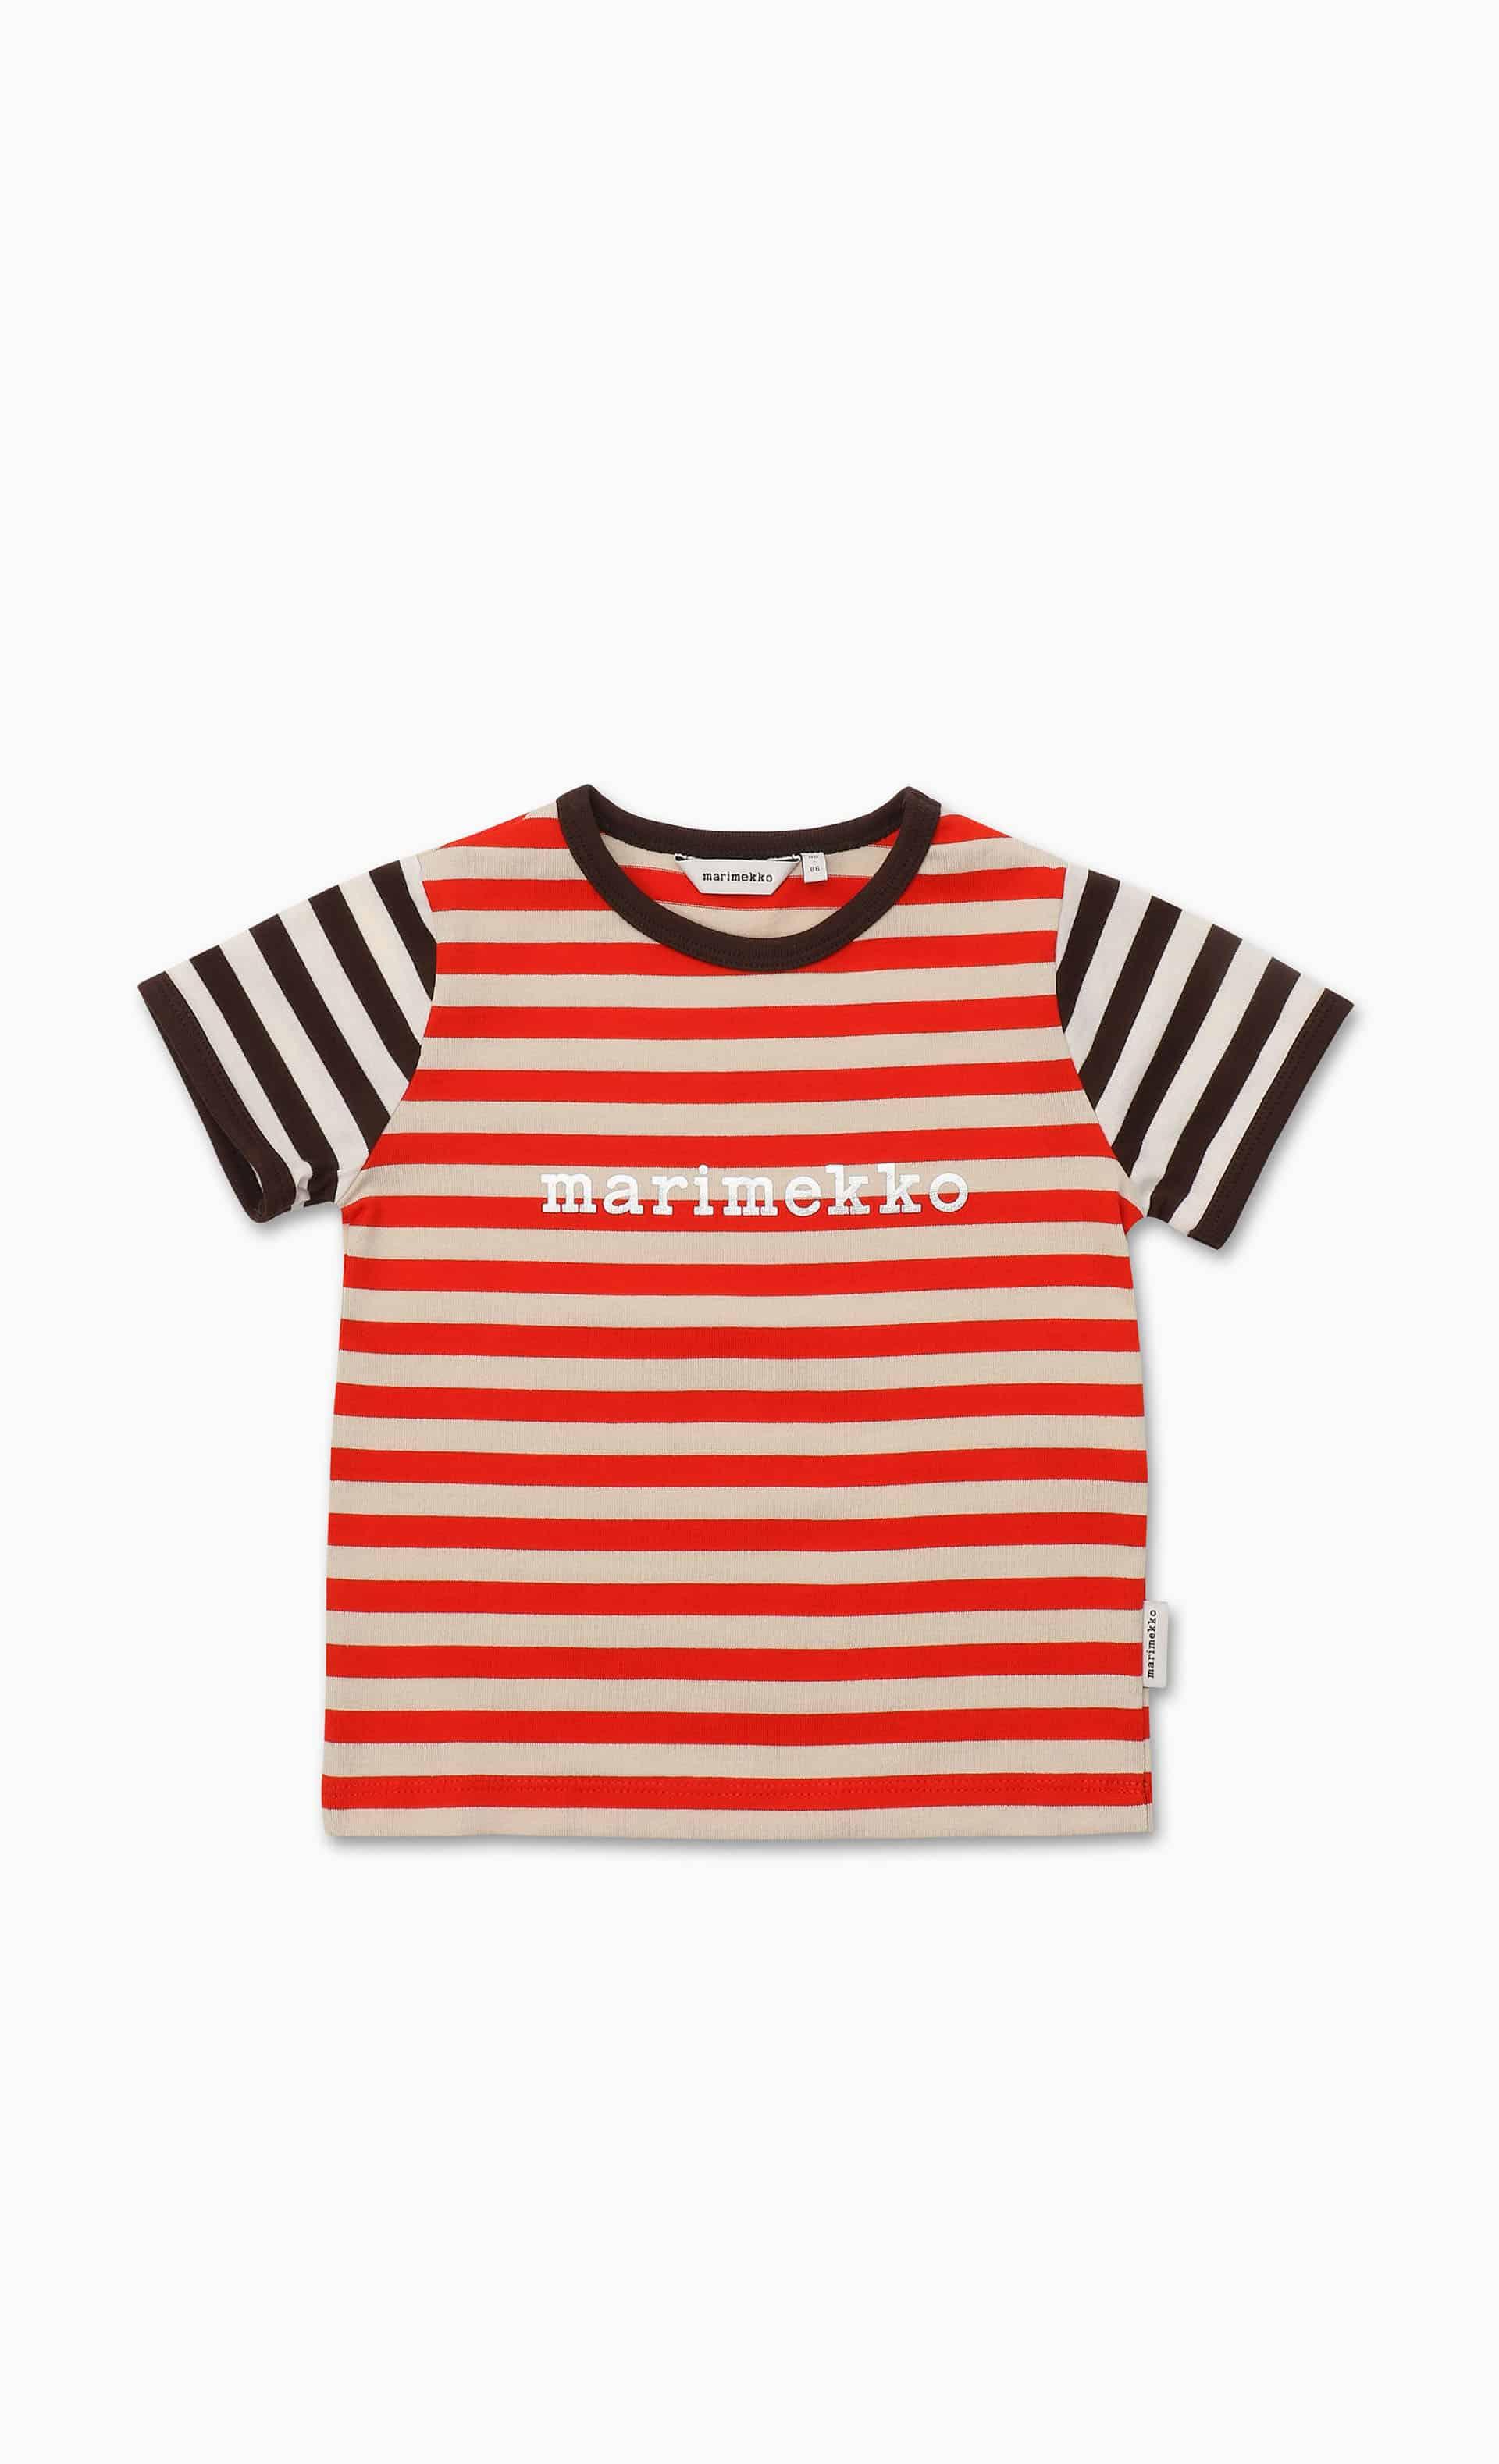 [Kids]Leuto Tasaraita 1 Tシャツ